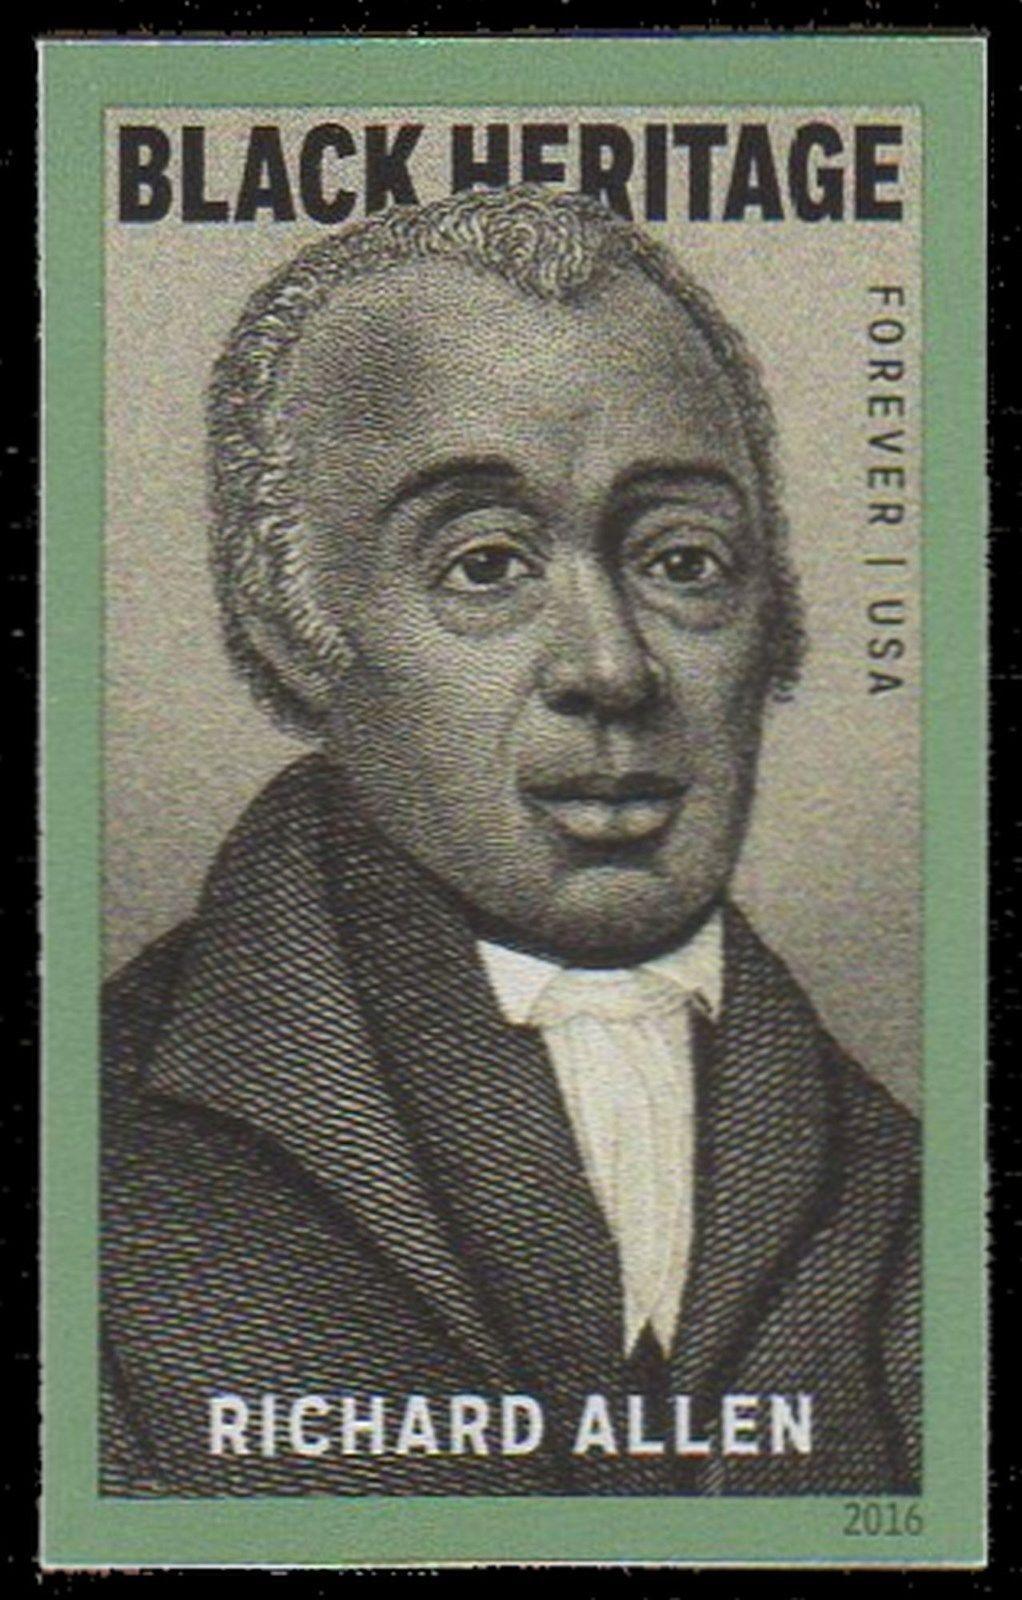 2016 49c Richard Allen African Methodist Episcopal (AME